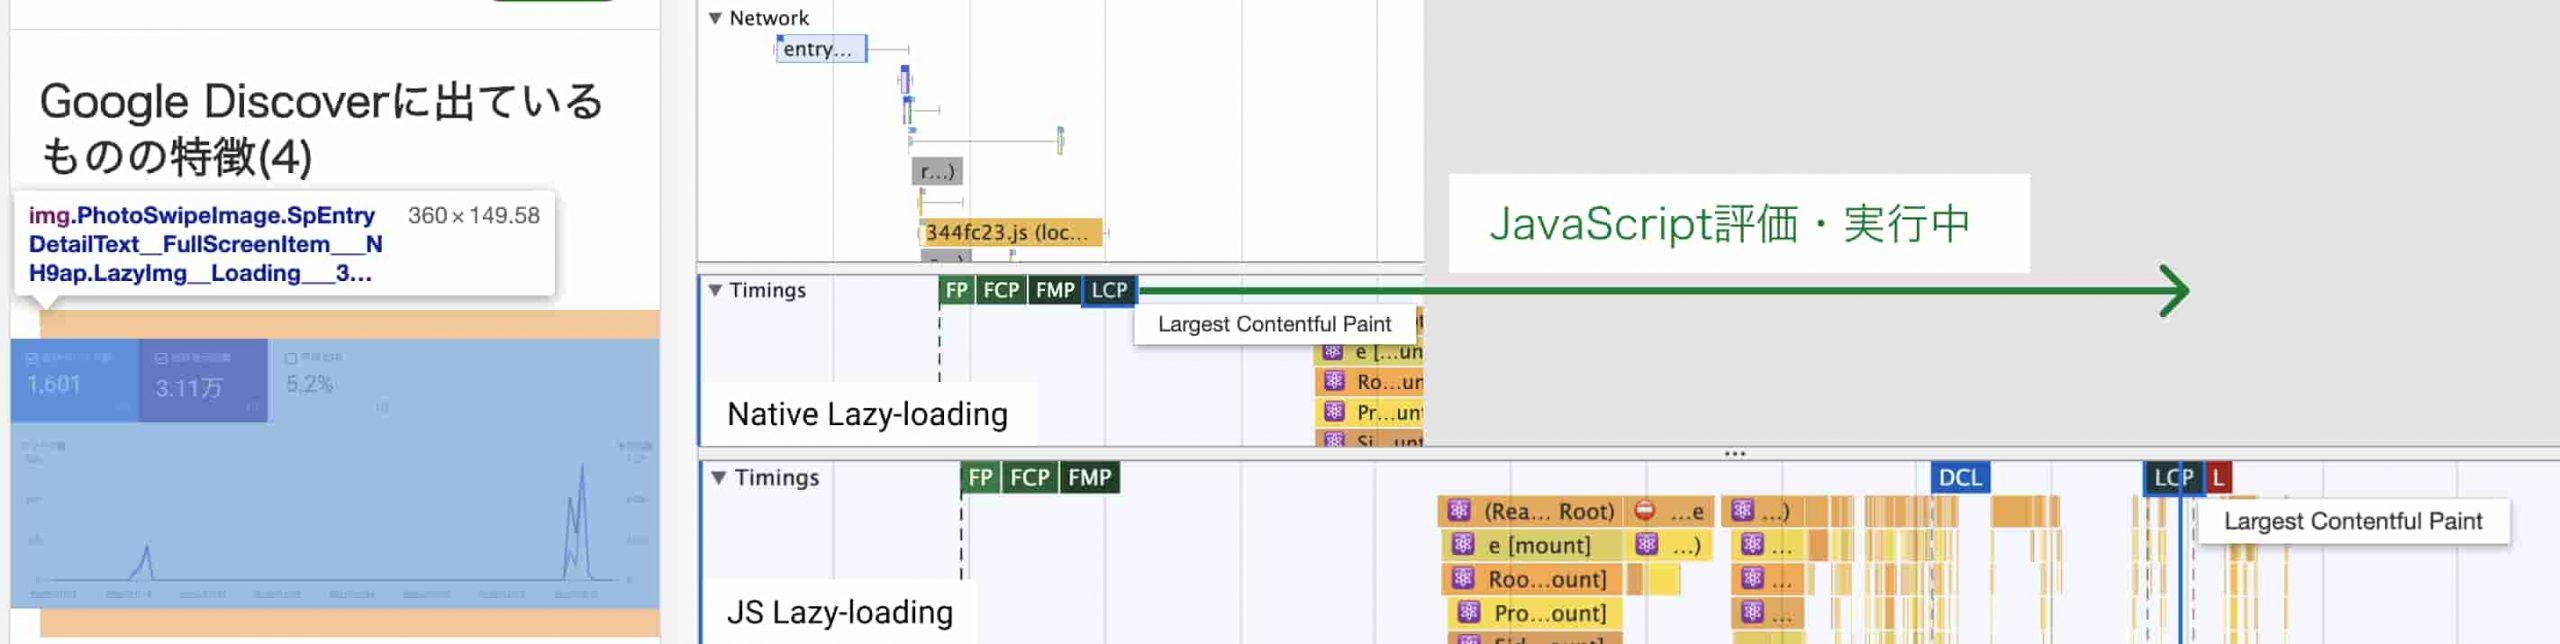 Chrome DevToolsのスクリーンショット。画像が初期viewport内にある記事では、JavaScriptで遅延表示を実装するとその評価、実行まで画像が表示されない。対して、Native Lazy-loadingではHTMLとスタイルの評価が終わった直後に画像が表示される。